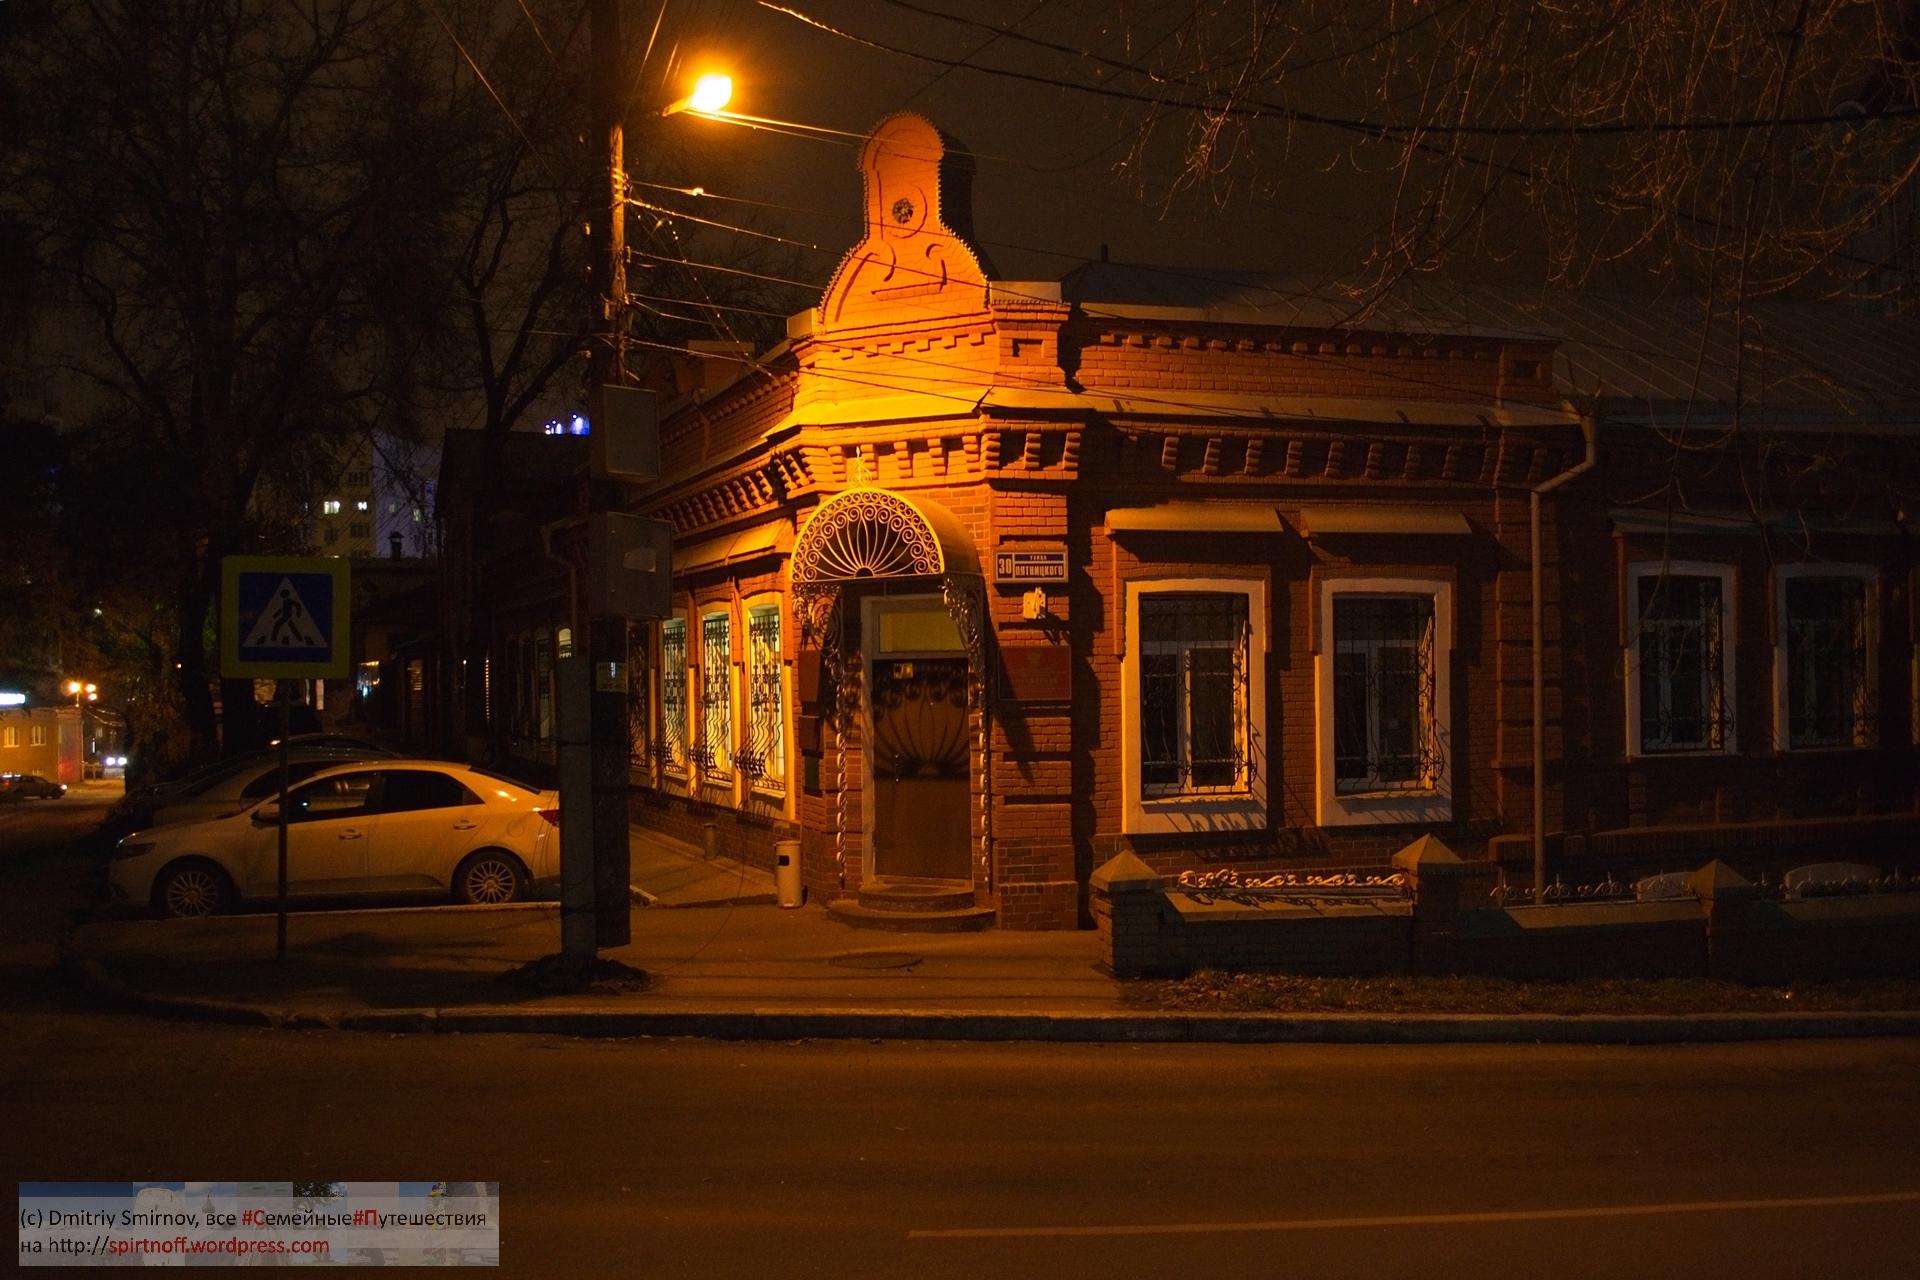 DSC_8842-17-Blog-174 Путешествия  Воронеж. Портал в соседнее измерение